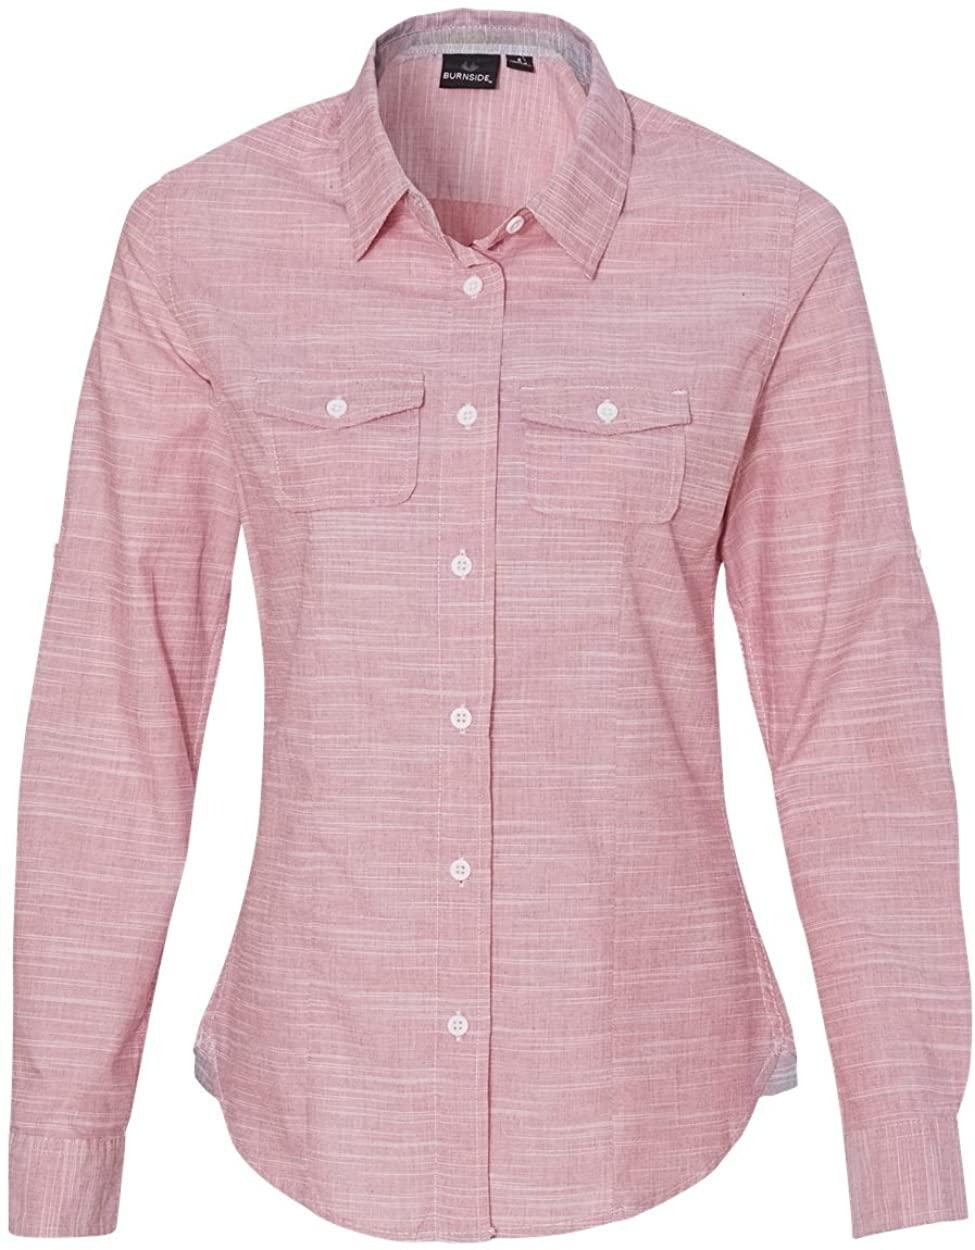 Burnside womens Textured Solid Long Sleeve Shirt (5247)